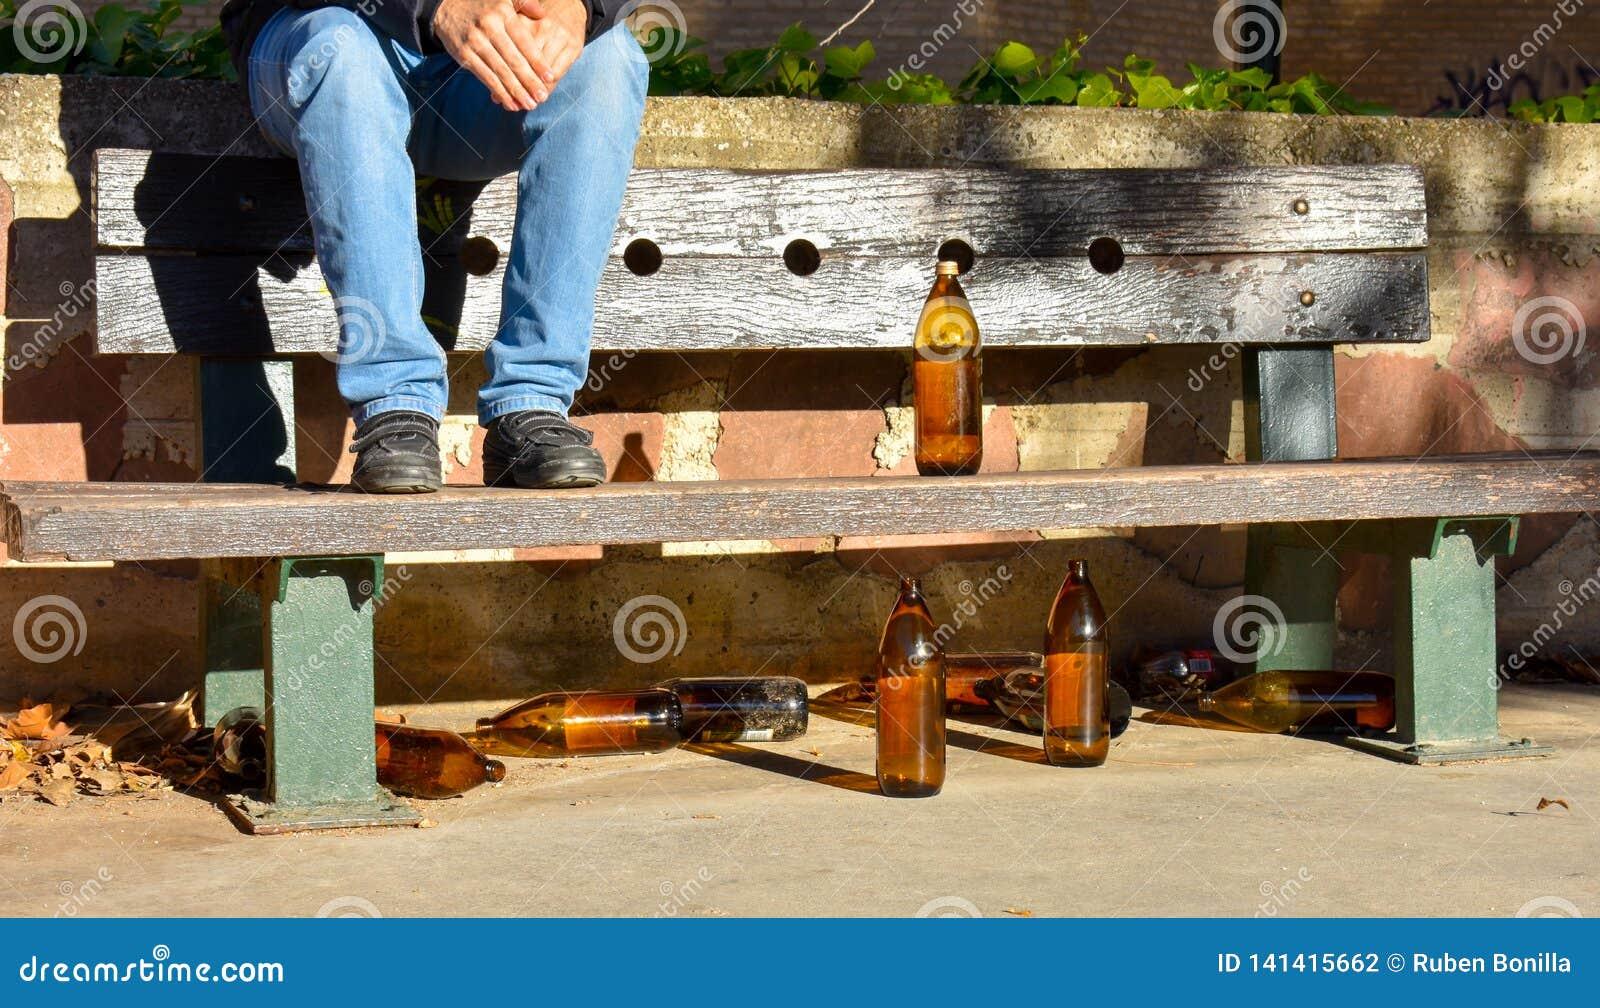 человек сидел на стенде с много больших оранжевых бутылок пива сделанных из стекла совершенно пустого на парке должном к кто-нибу